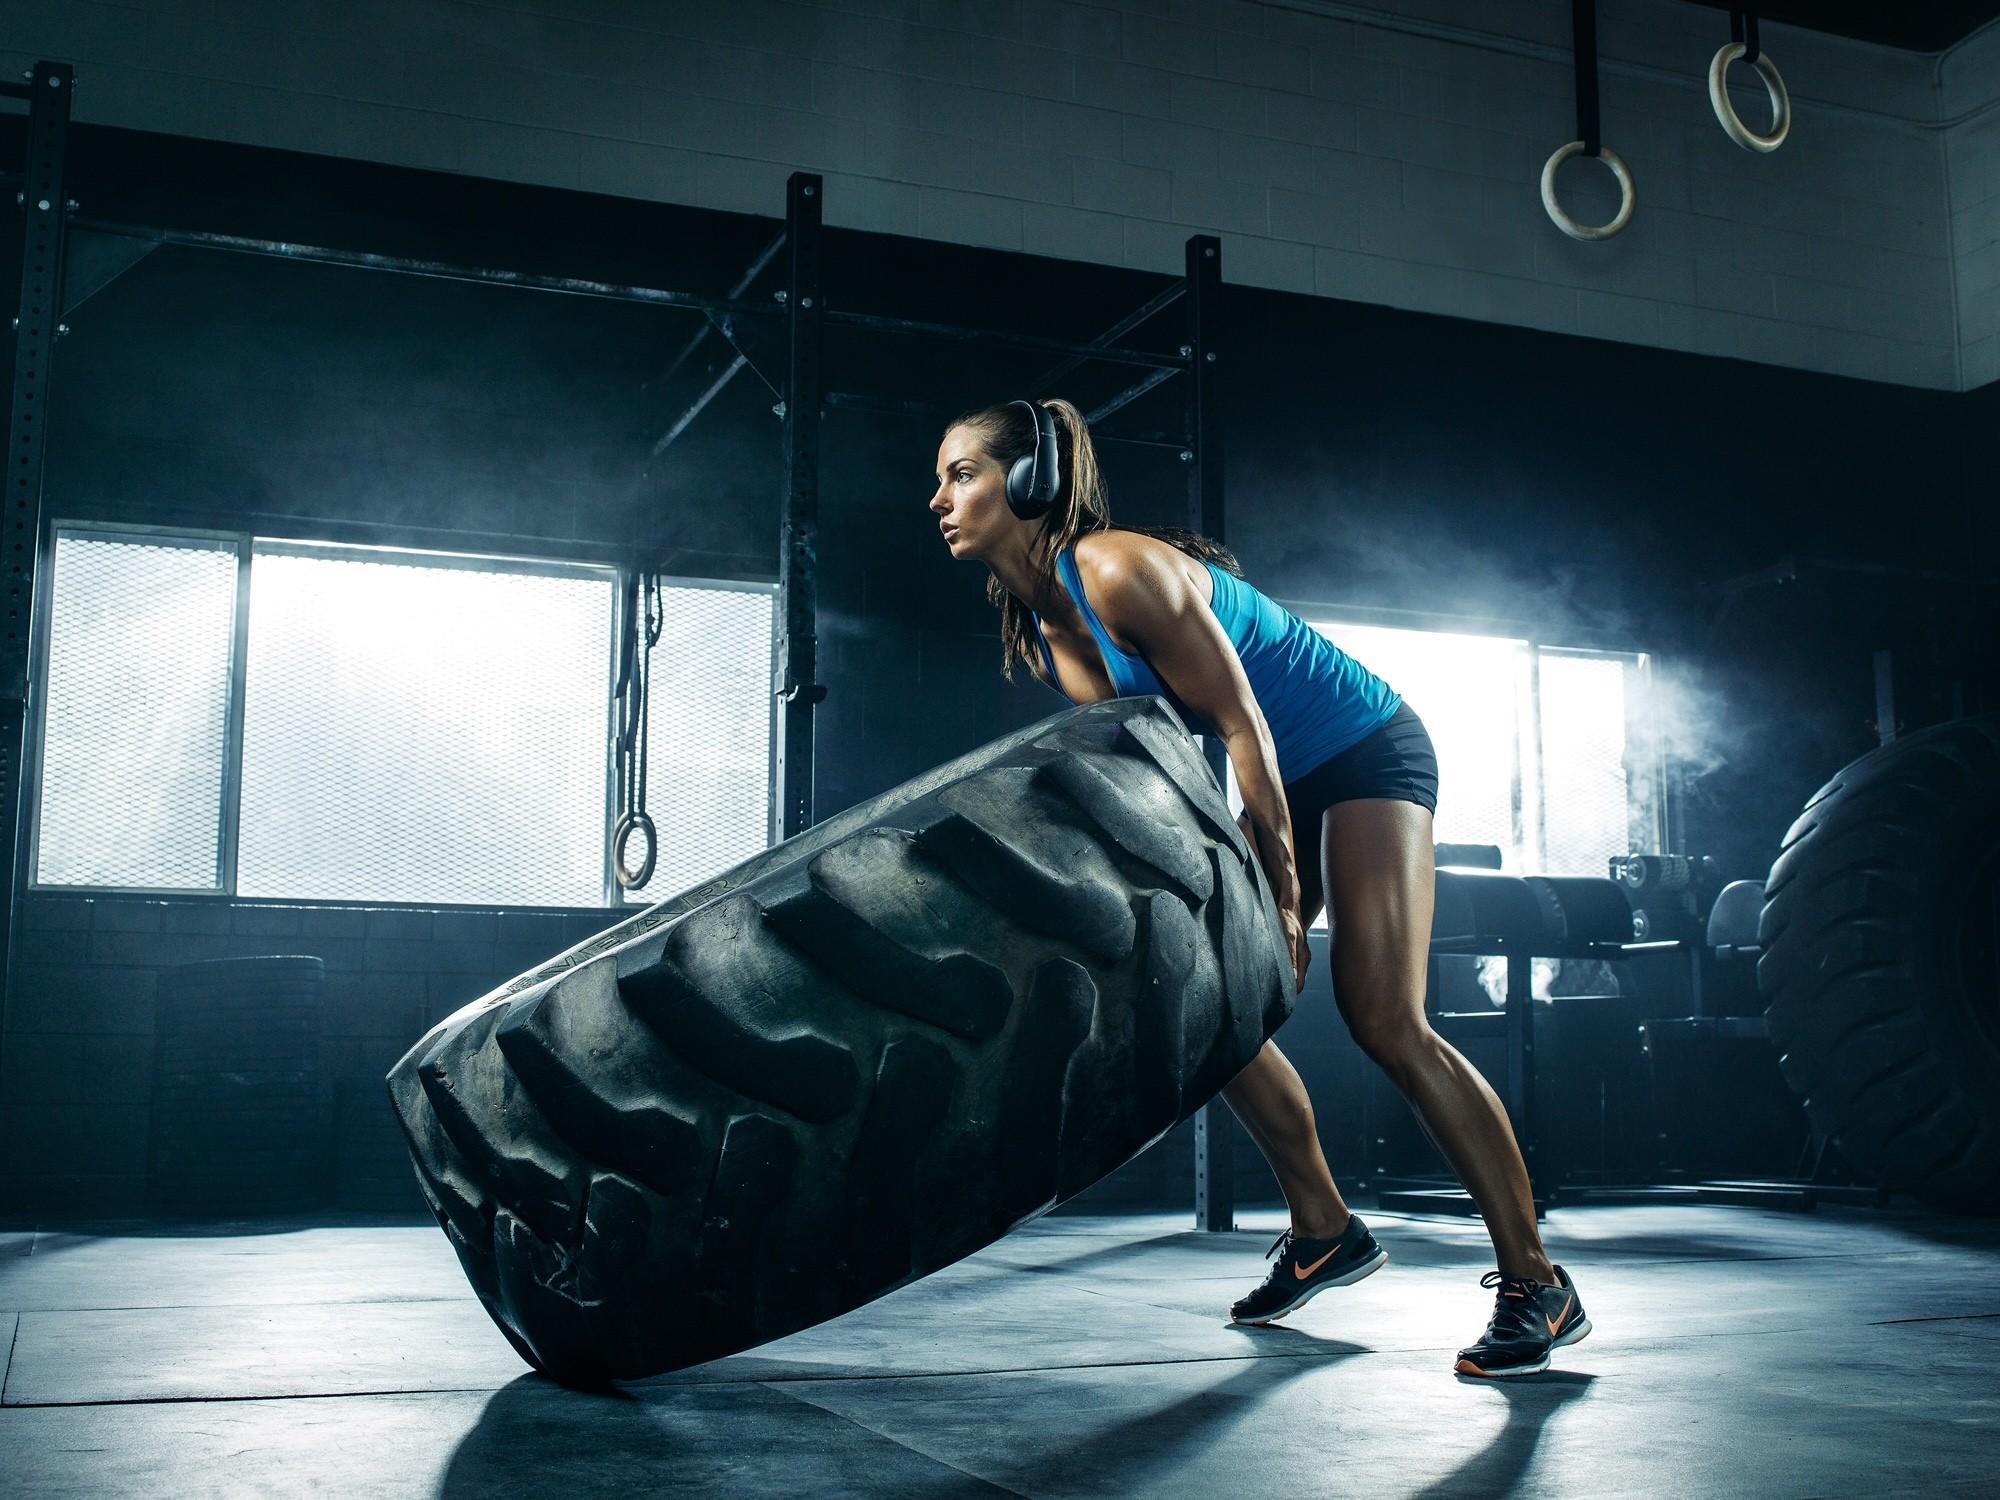 Girl fitness model hd girls 4k wallpapers images - Wallpaper fitness women ...